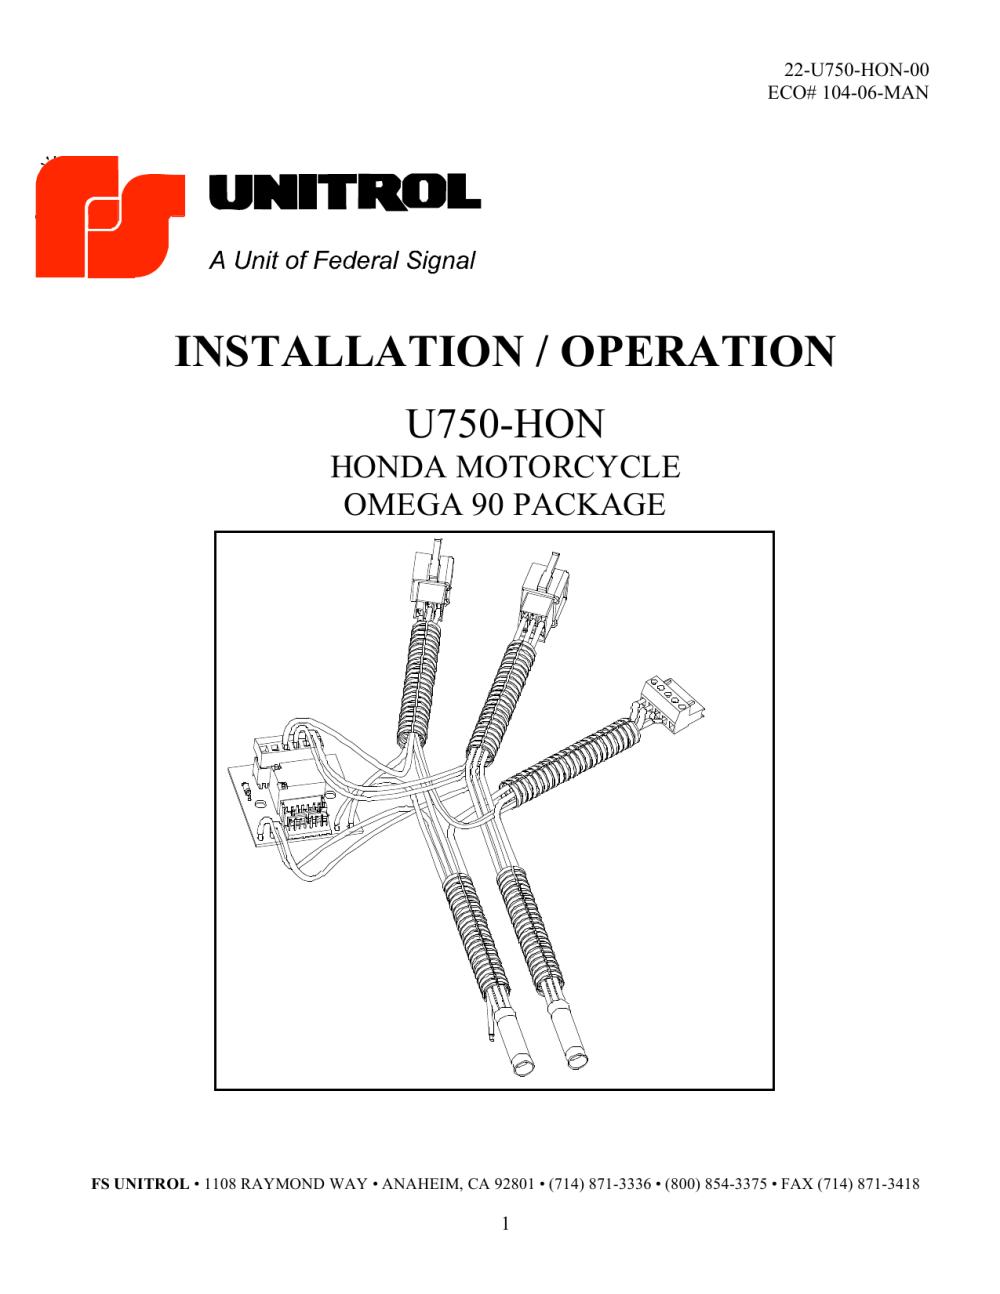 medium resolution of installation operation